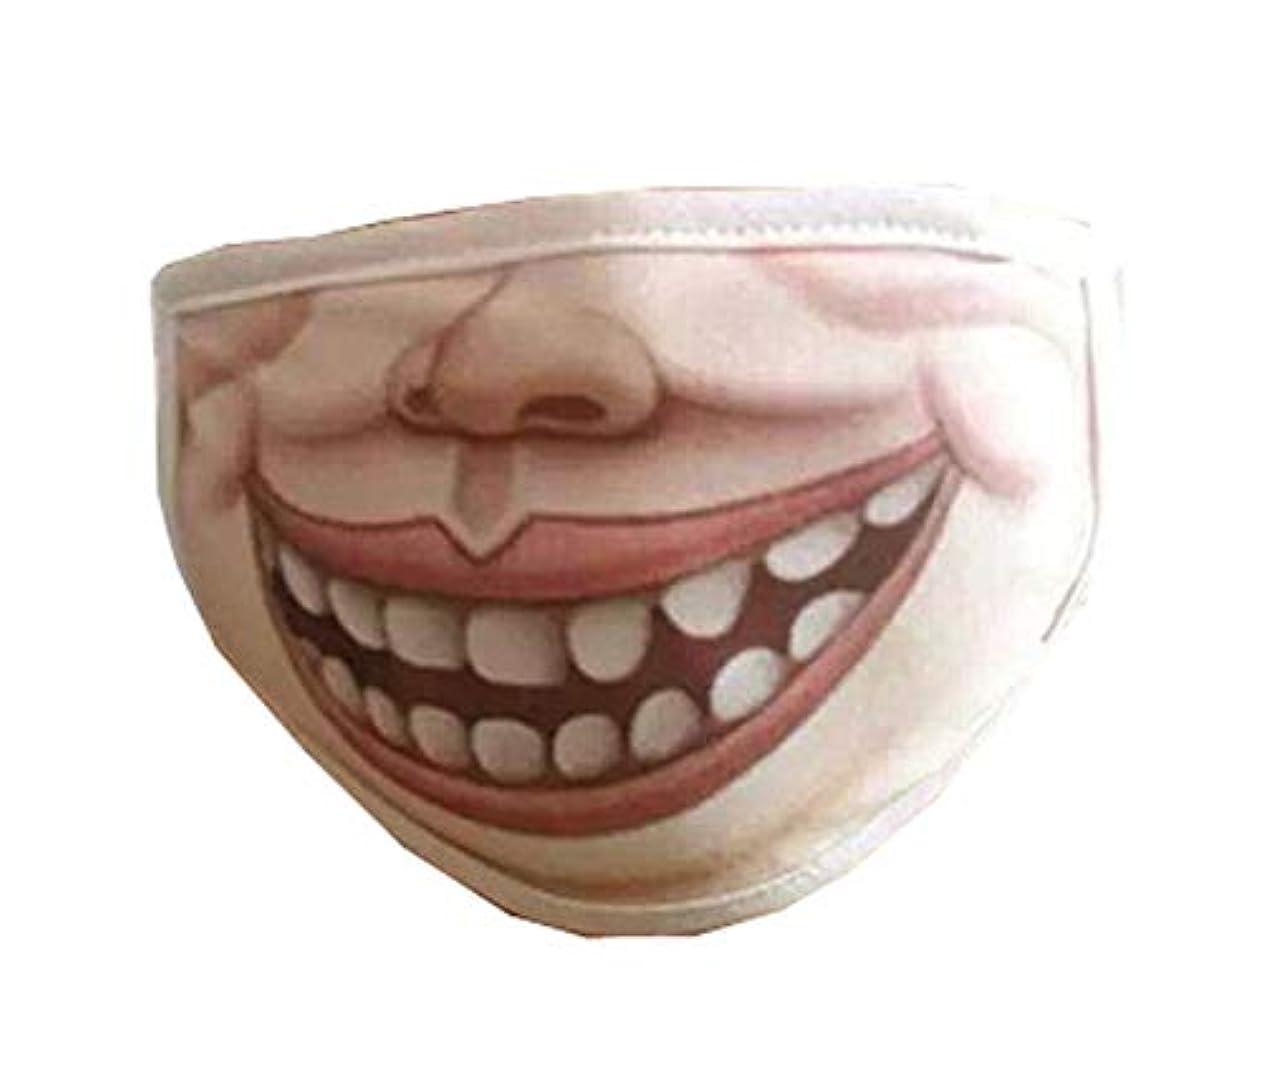 モンク取り壊すピッチャー面白い口のマスク、かわいいユニセックス顔の十代のマスク(G2)